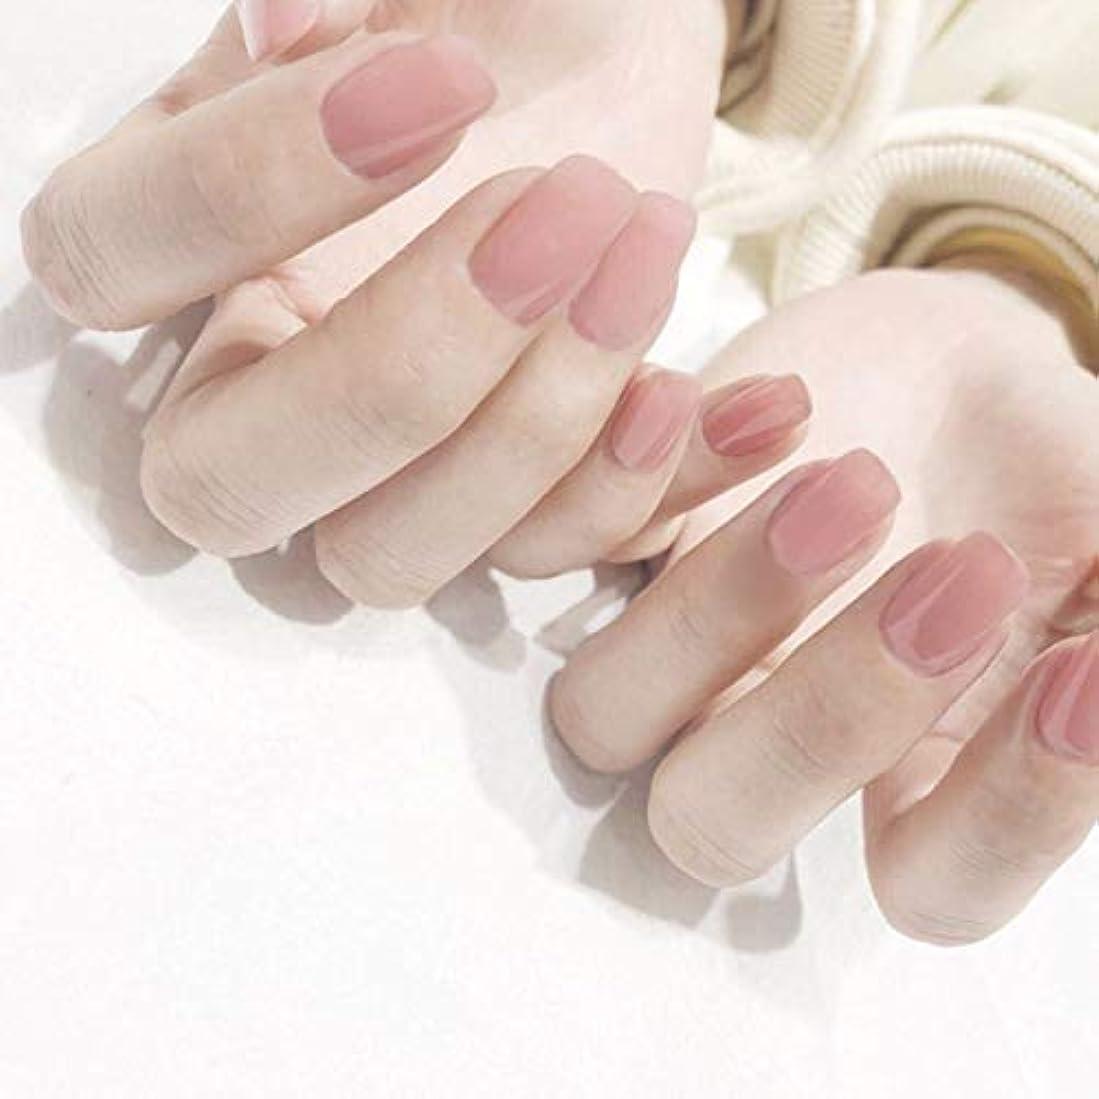 蒸し器倫理的レイア入学式 入園式 結婚式、パーティー、二次会など 手作りネイルチップ 和装 ネイル 明るい色 エレガントな気質 無地ネイルチップ 24pcs 優雅 透明 ゼリー 短い 無地 可愛い ウェディング ブライダル (ピンク)